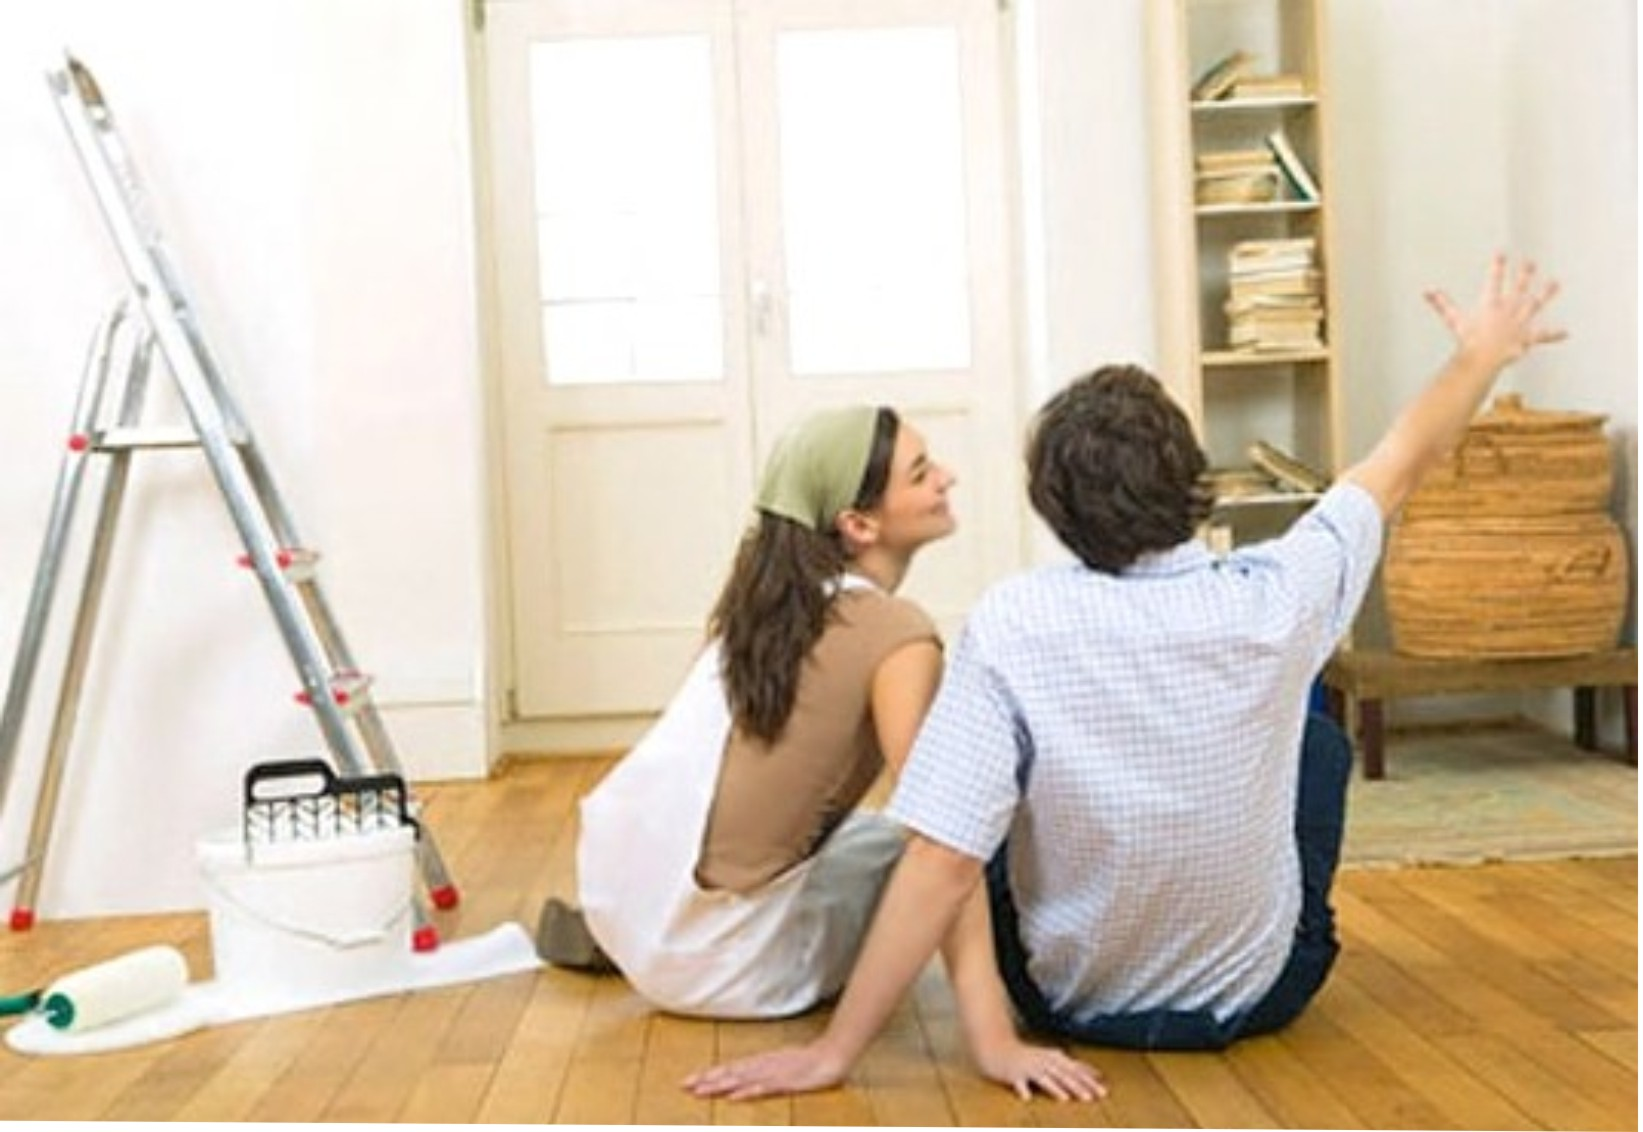 Ремонт квартиры своими руками / Строительно-ремонтные работы / RVM.SU - Справочник по ремонту и строительству